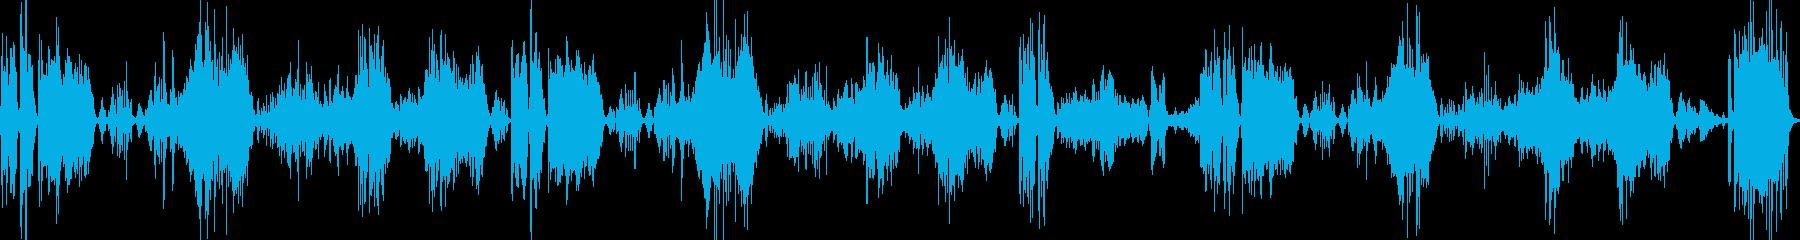 クラシック 楽しげ ハイテク 気分...の再生済みの波形